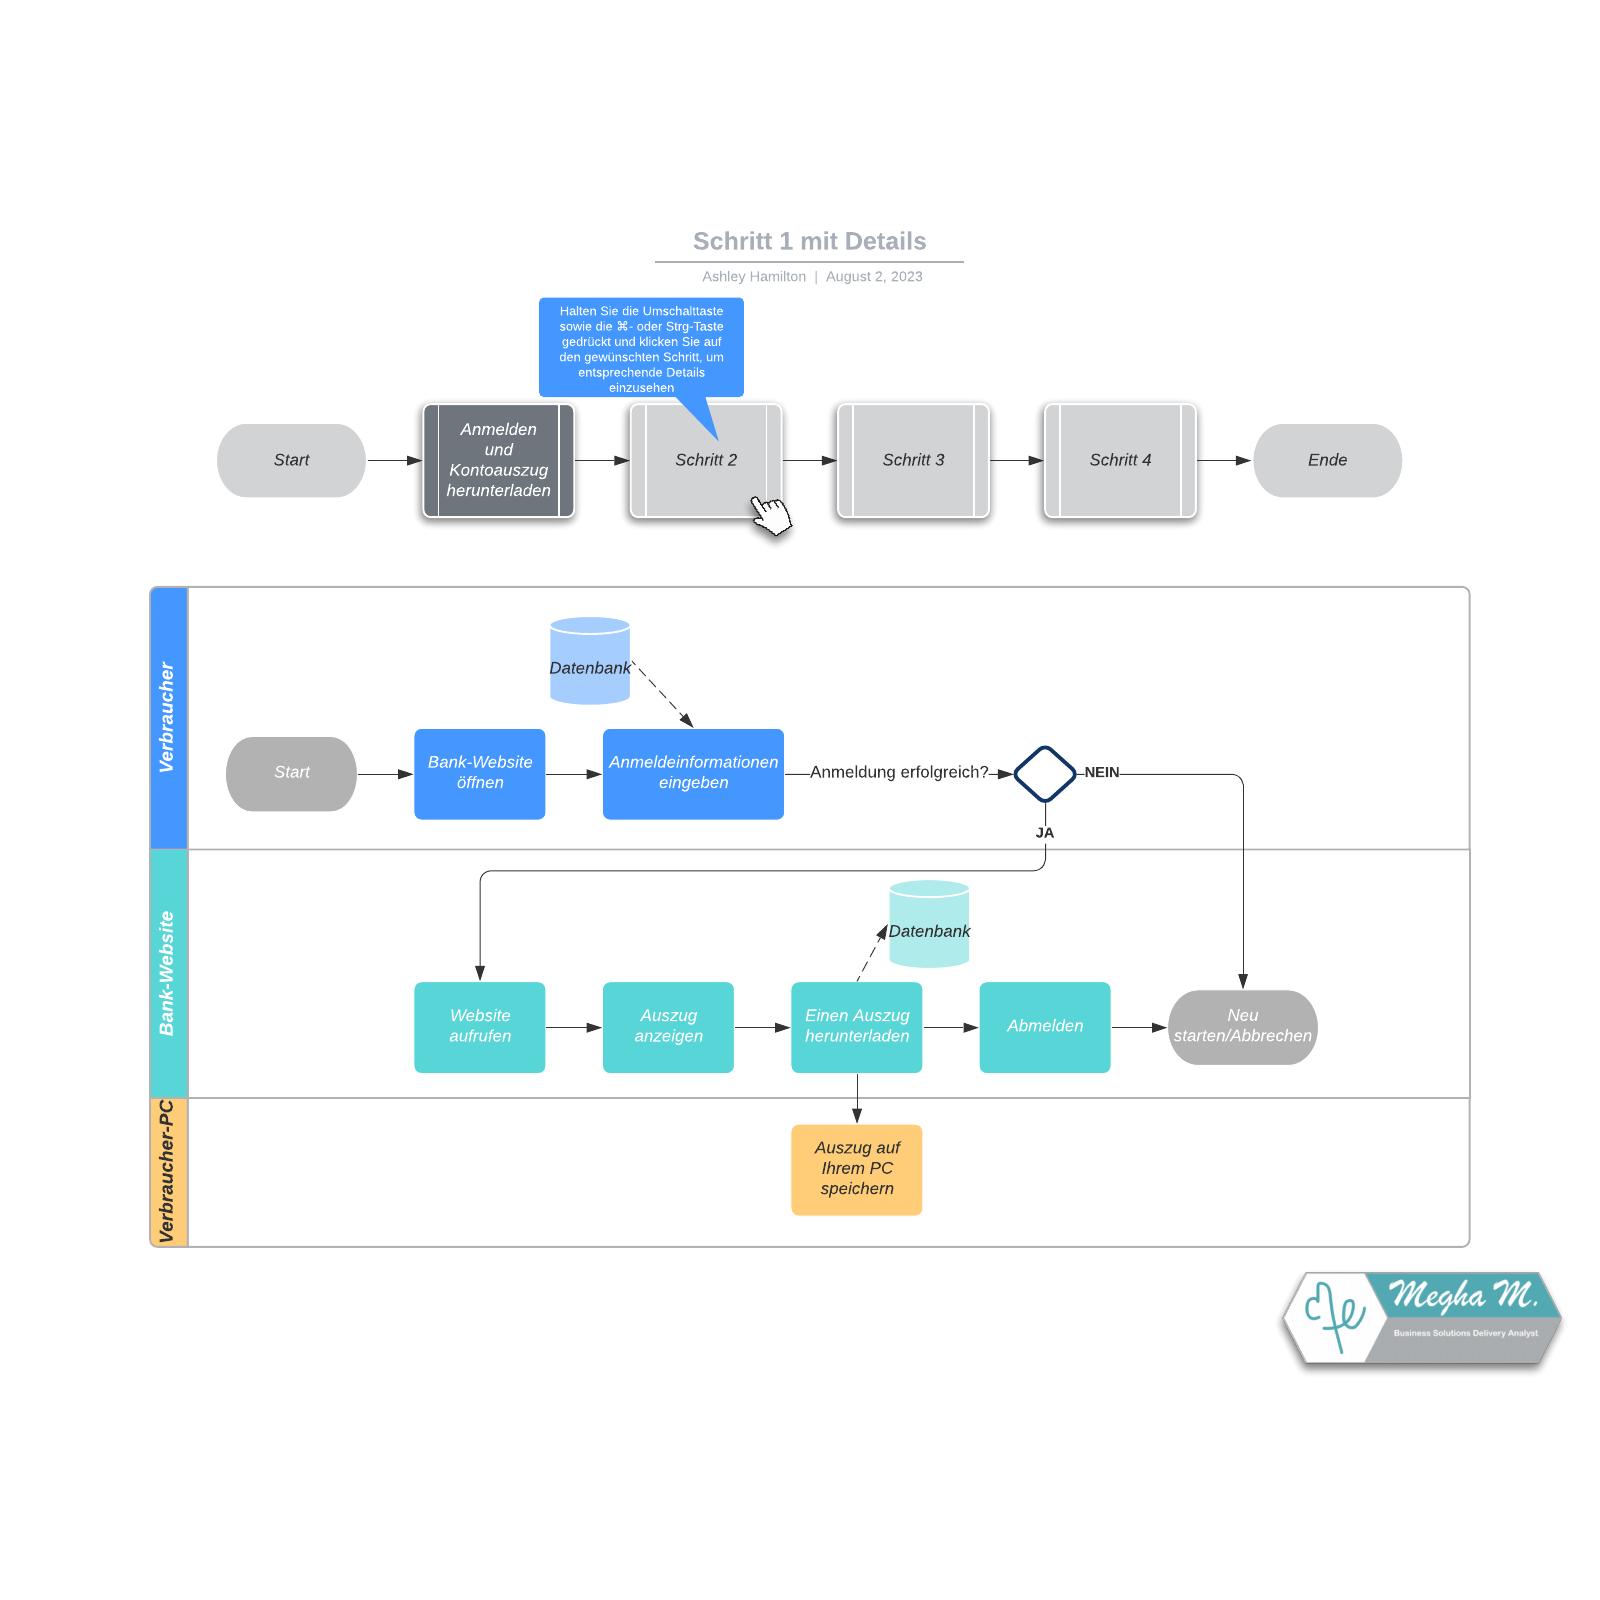 Übersichts-Flussdiagramms mit Details - Beispiel